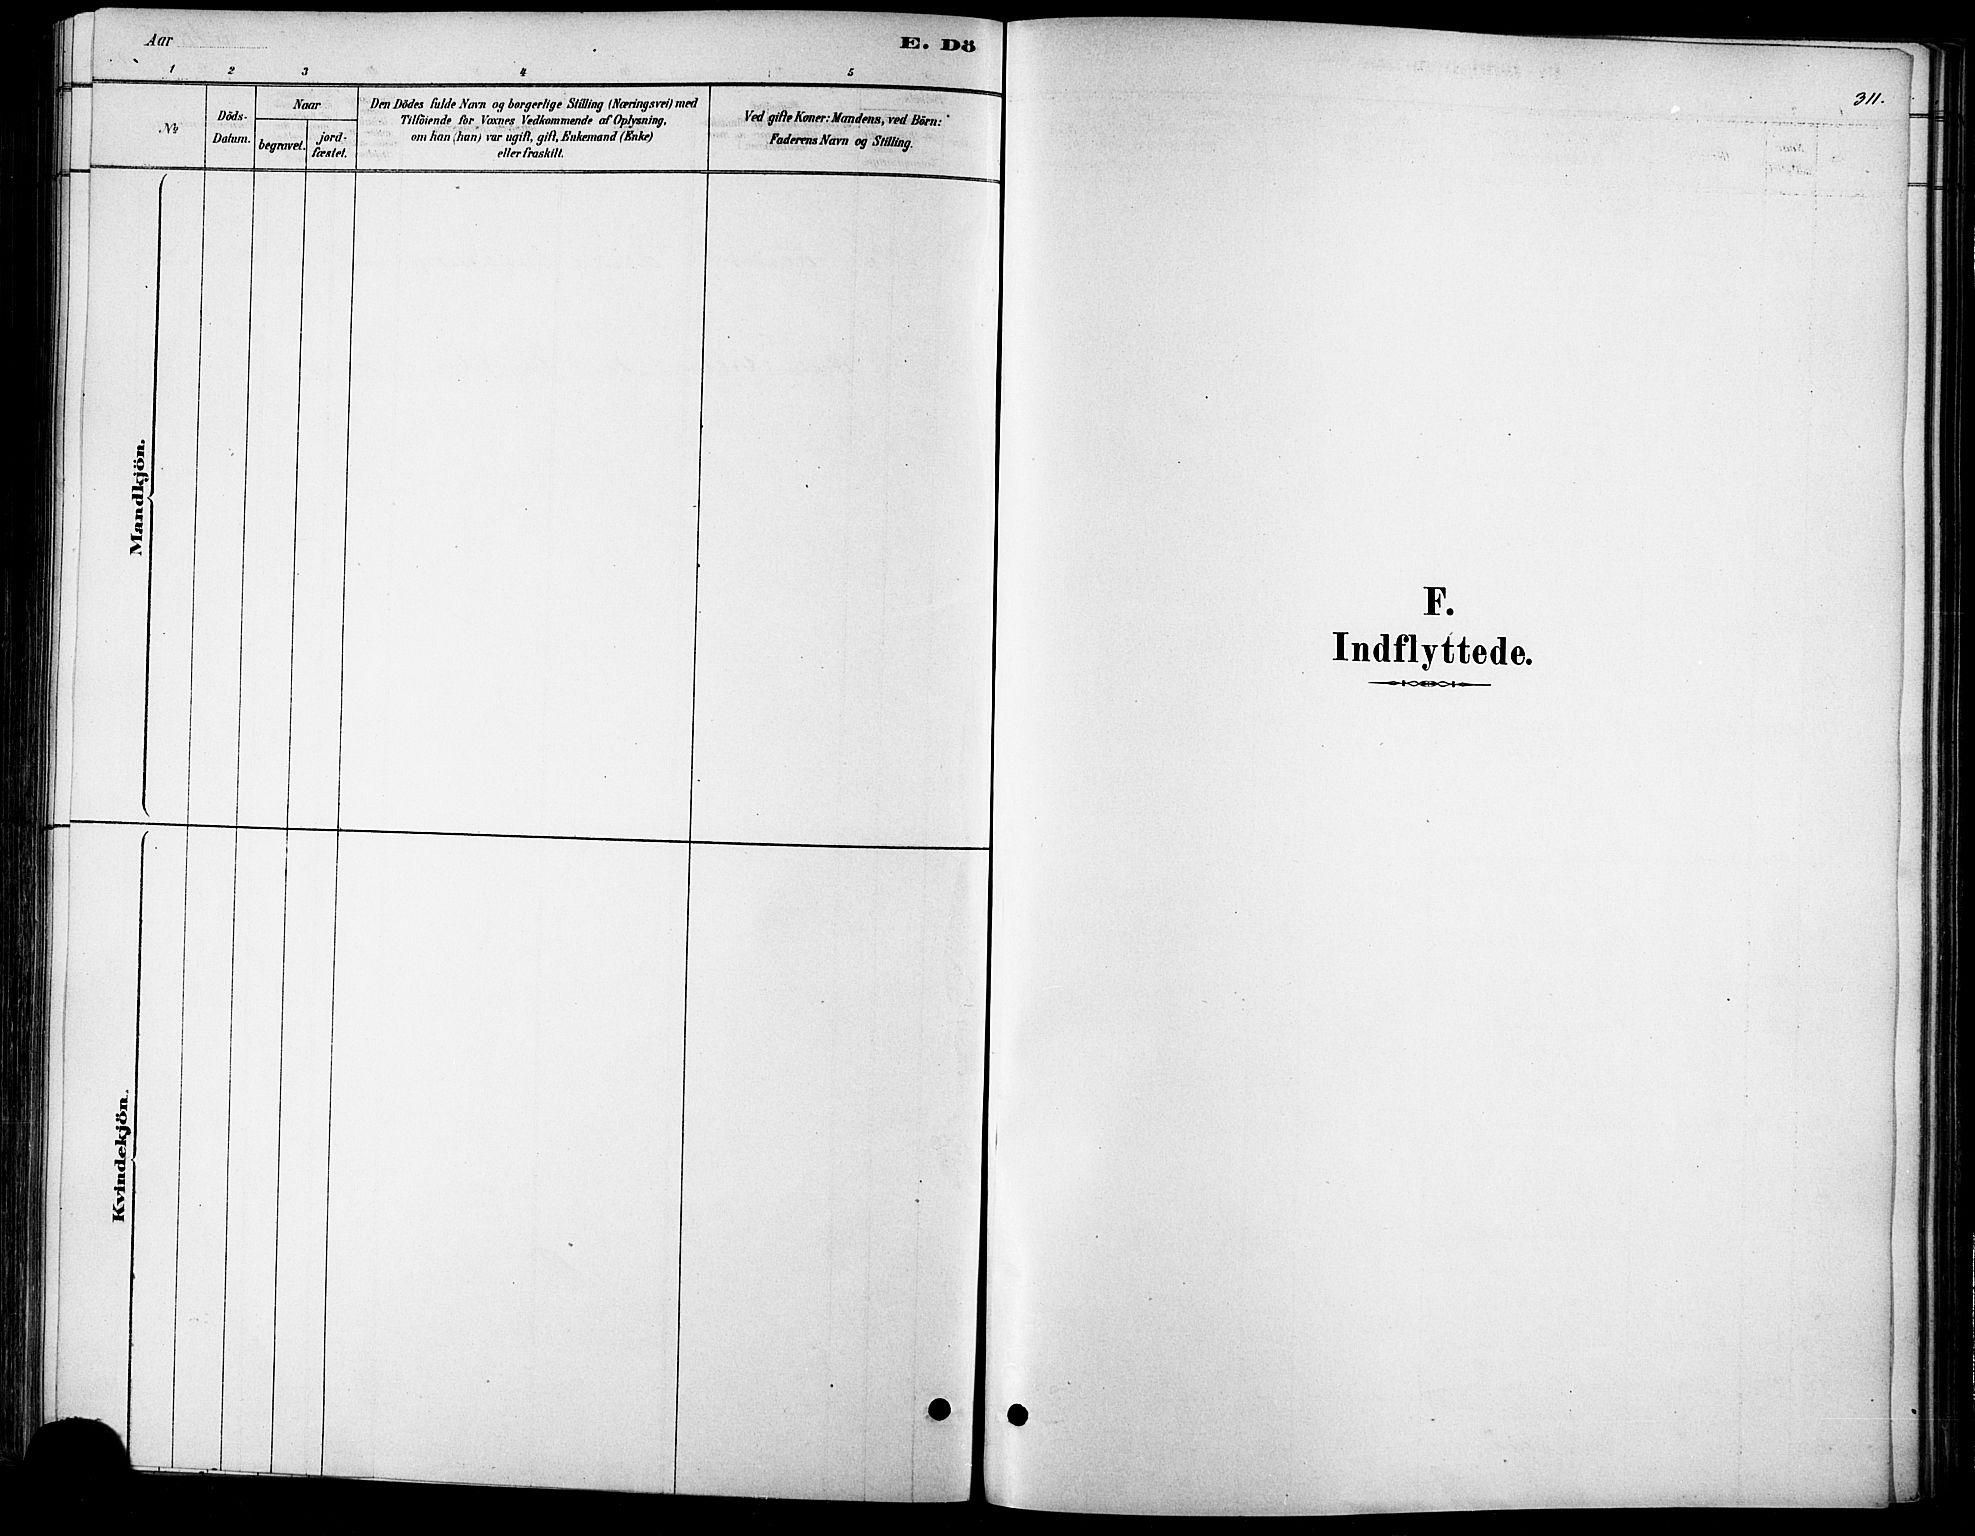 SAT, Ministerialprotokoller, klokkerbøker og fødselsregistre - Møre og Romsdal, 529/L0454: Ministerialbok nr. 529A04, 1878-1885, s. 311